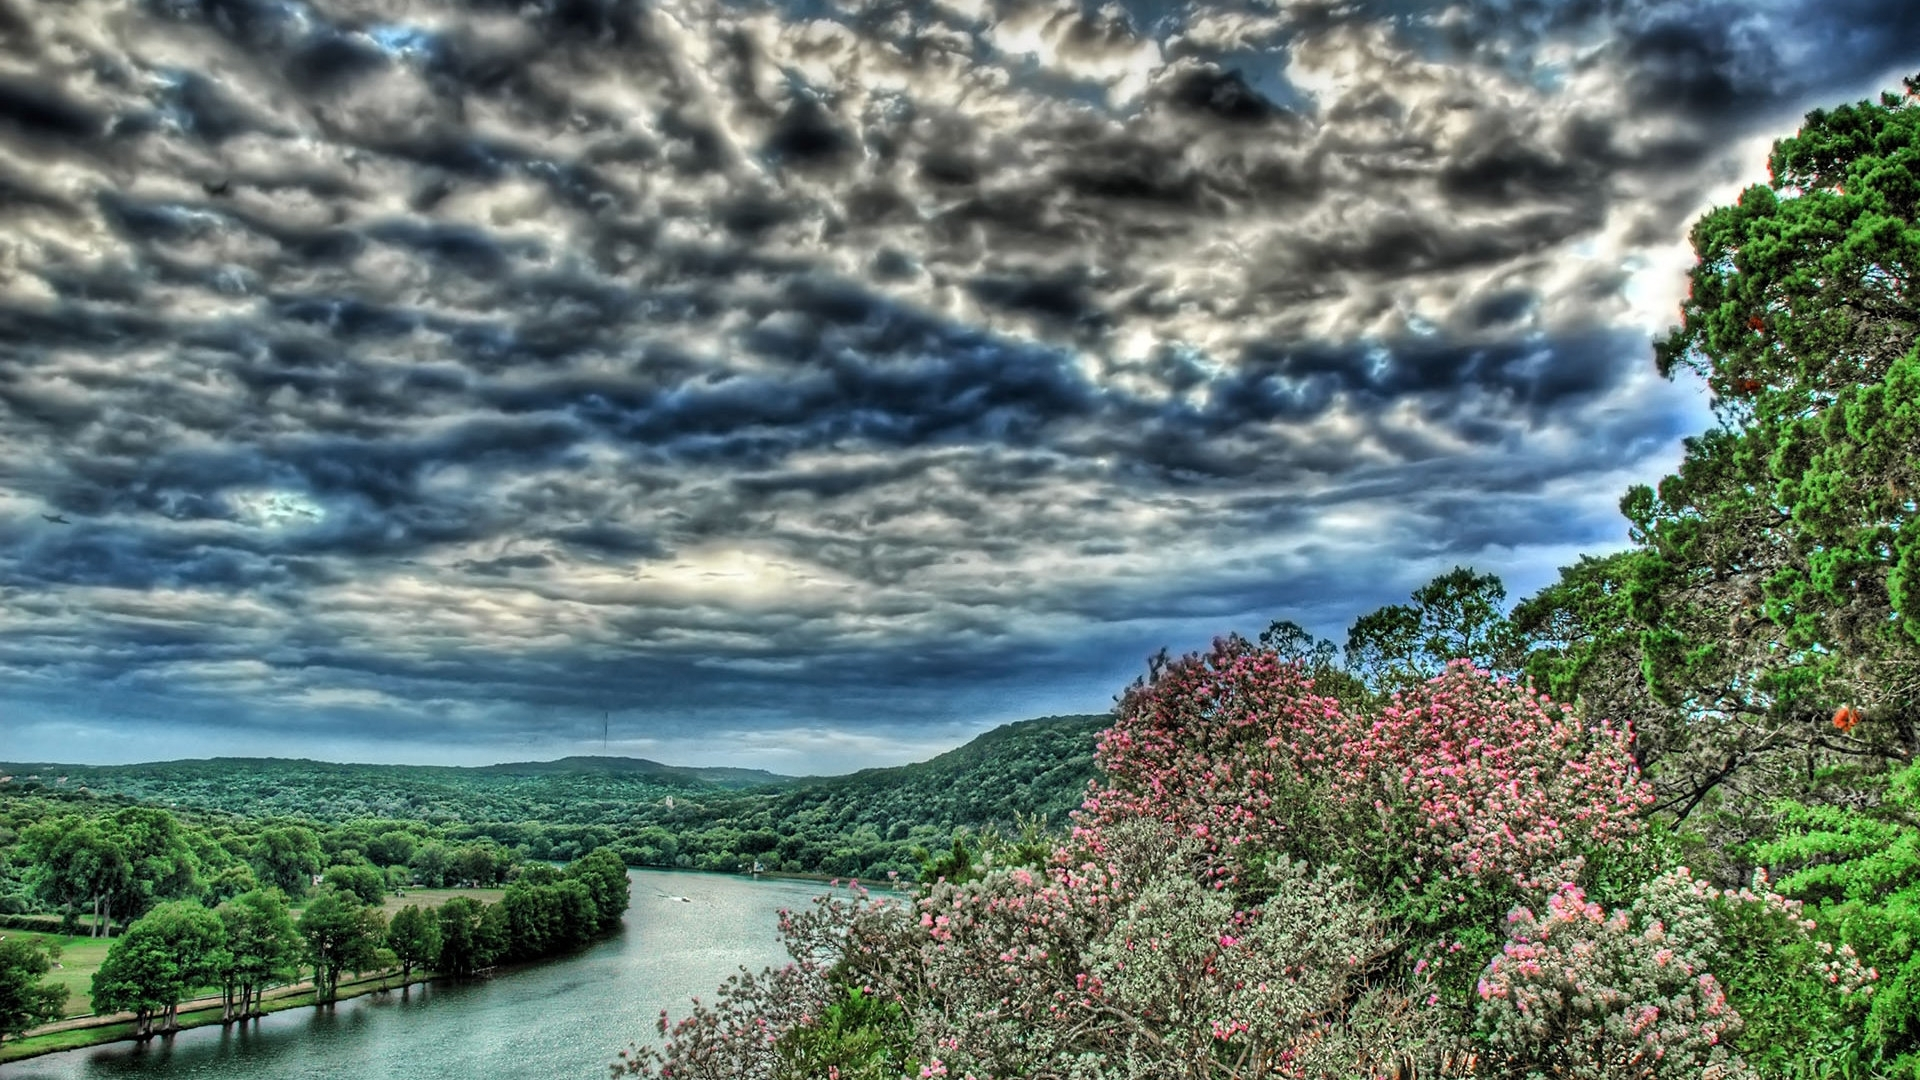 24986 скачать обои Пейзаж, Река, Деревья, Небо, Облака - заставки и картинки бесплатно